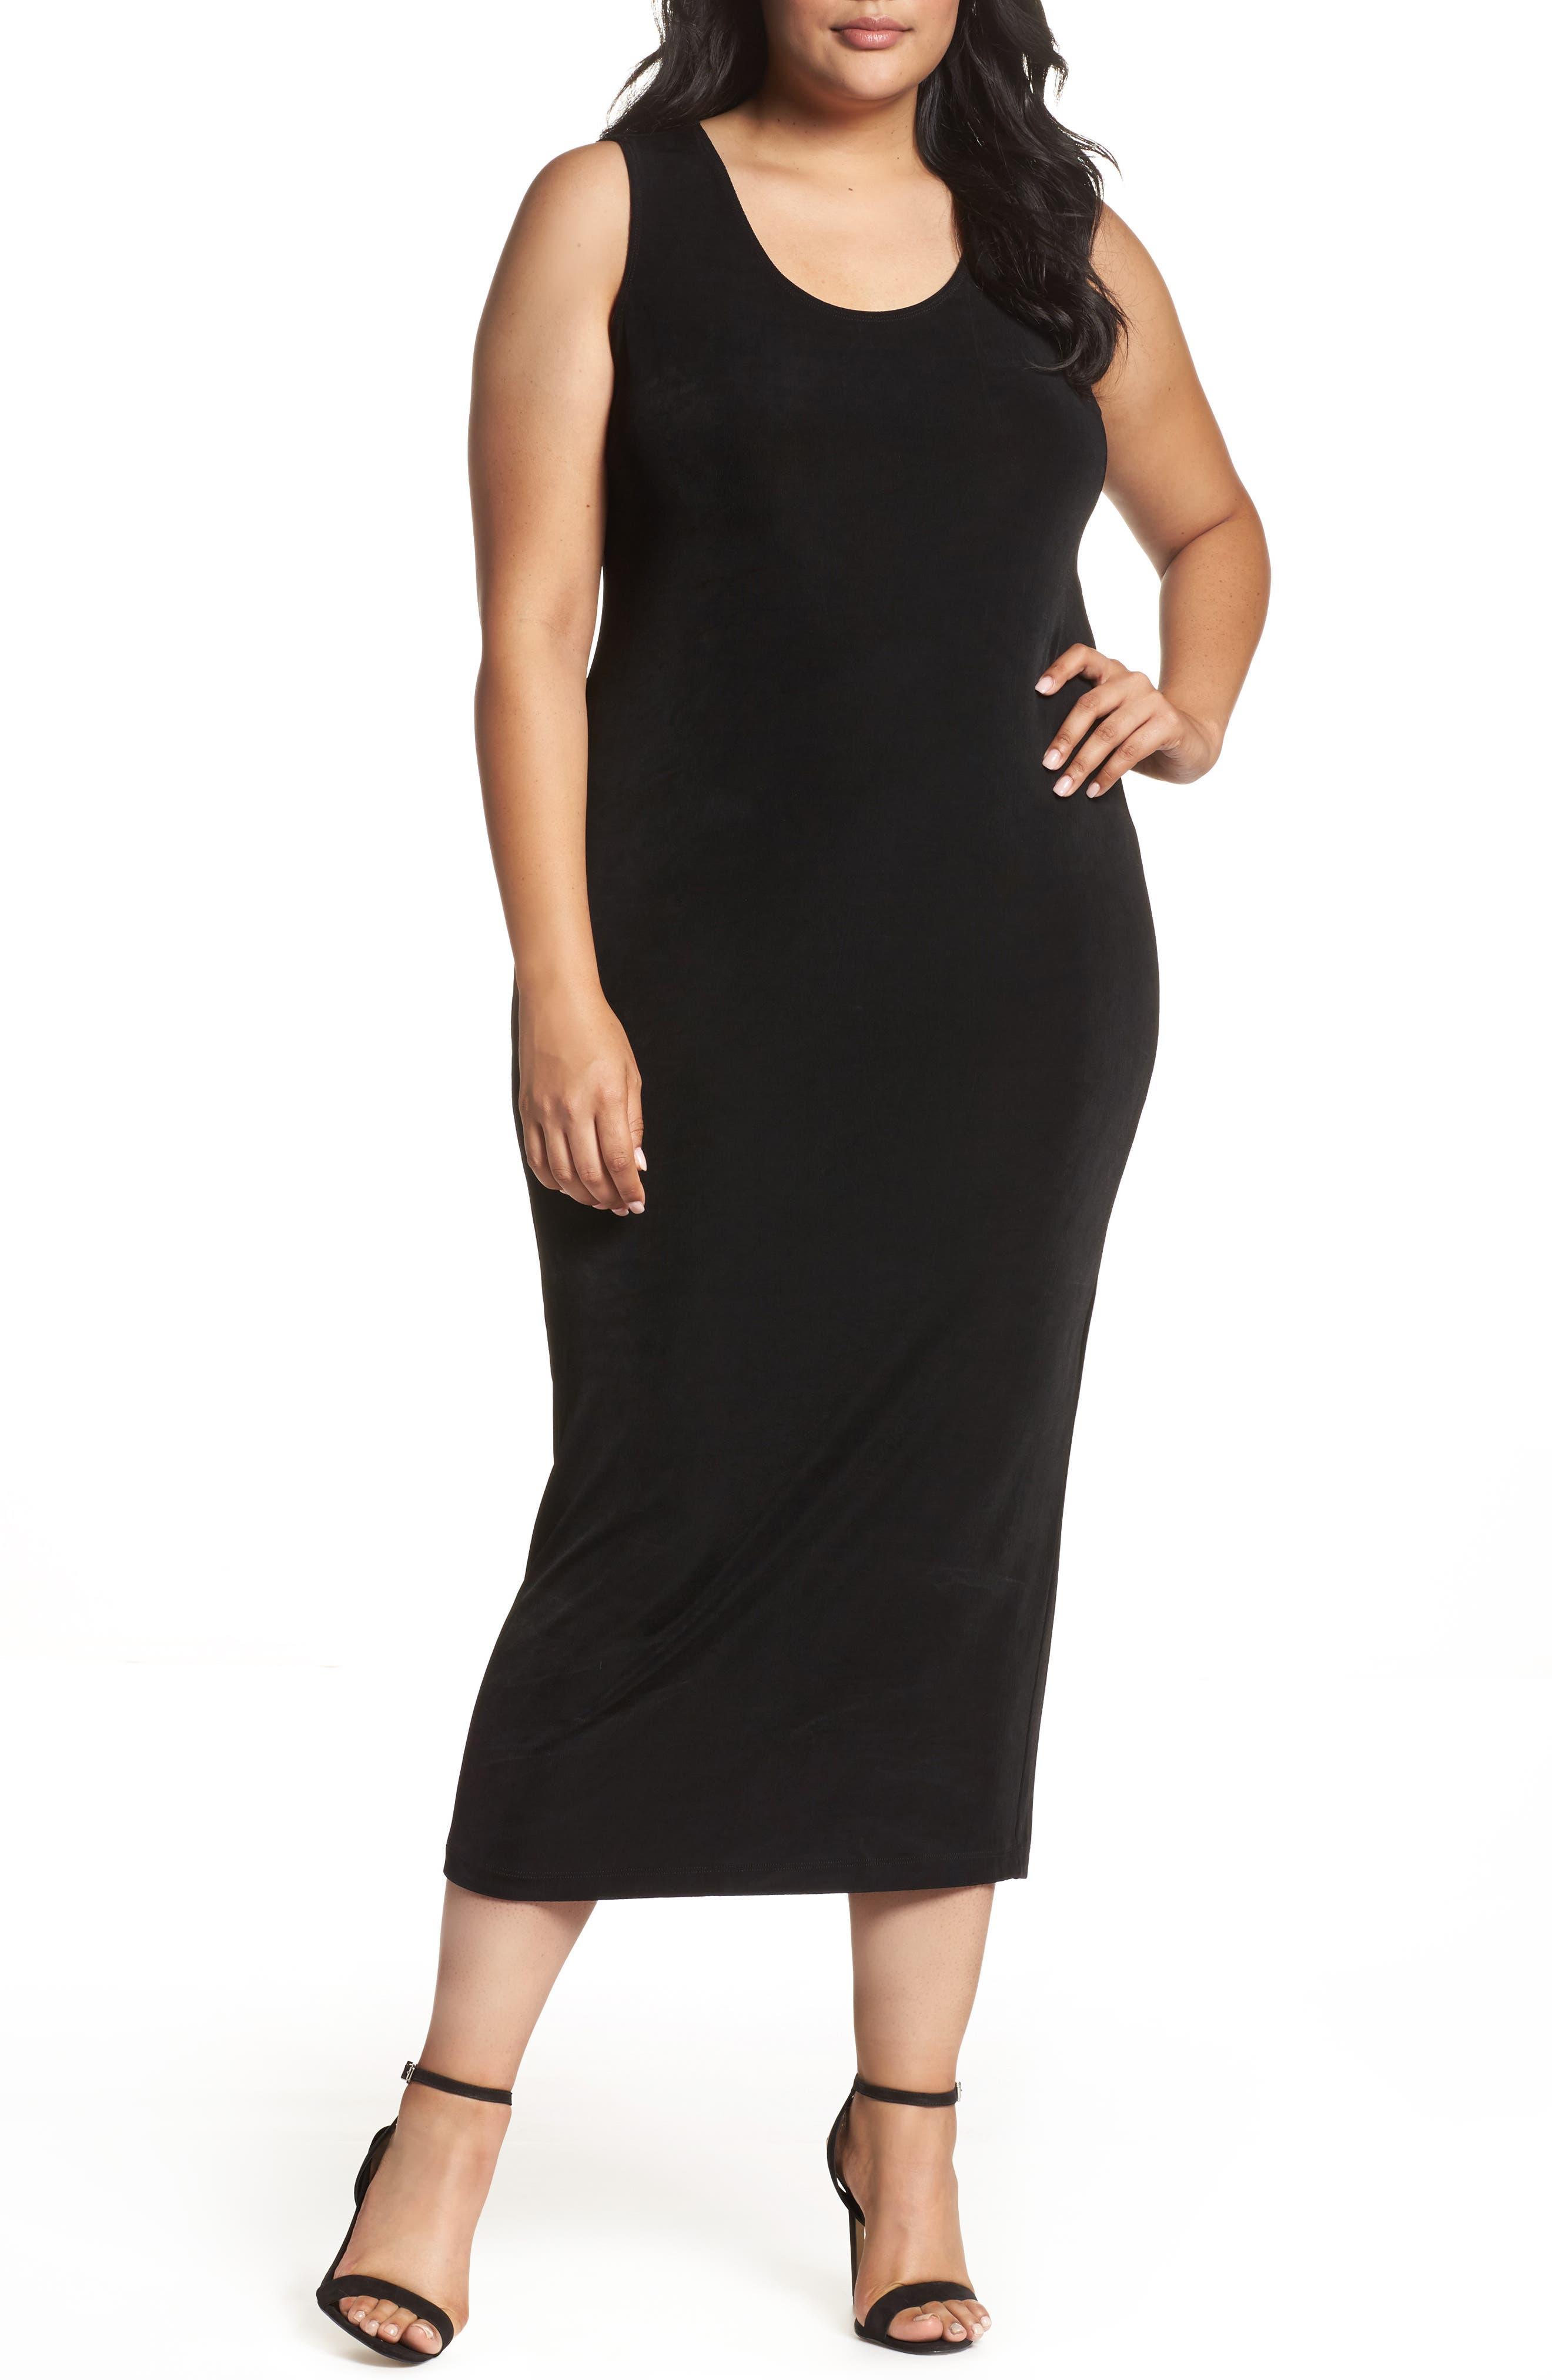 Main Image - Vikki Vi Sleeveless Maxi Tank Dress (Plus Size)